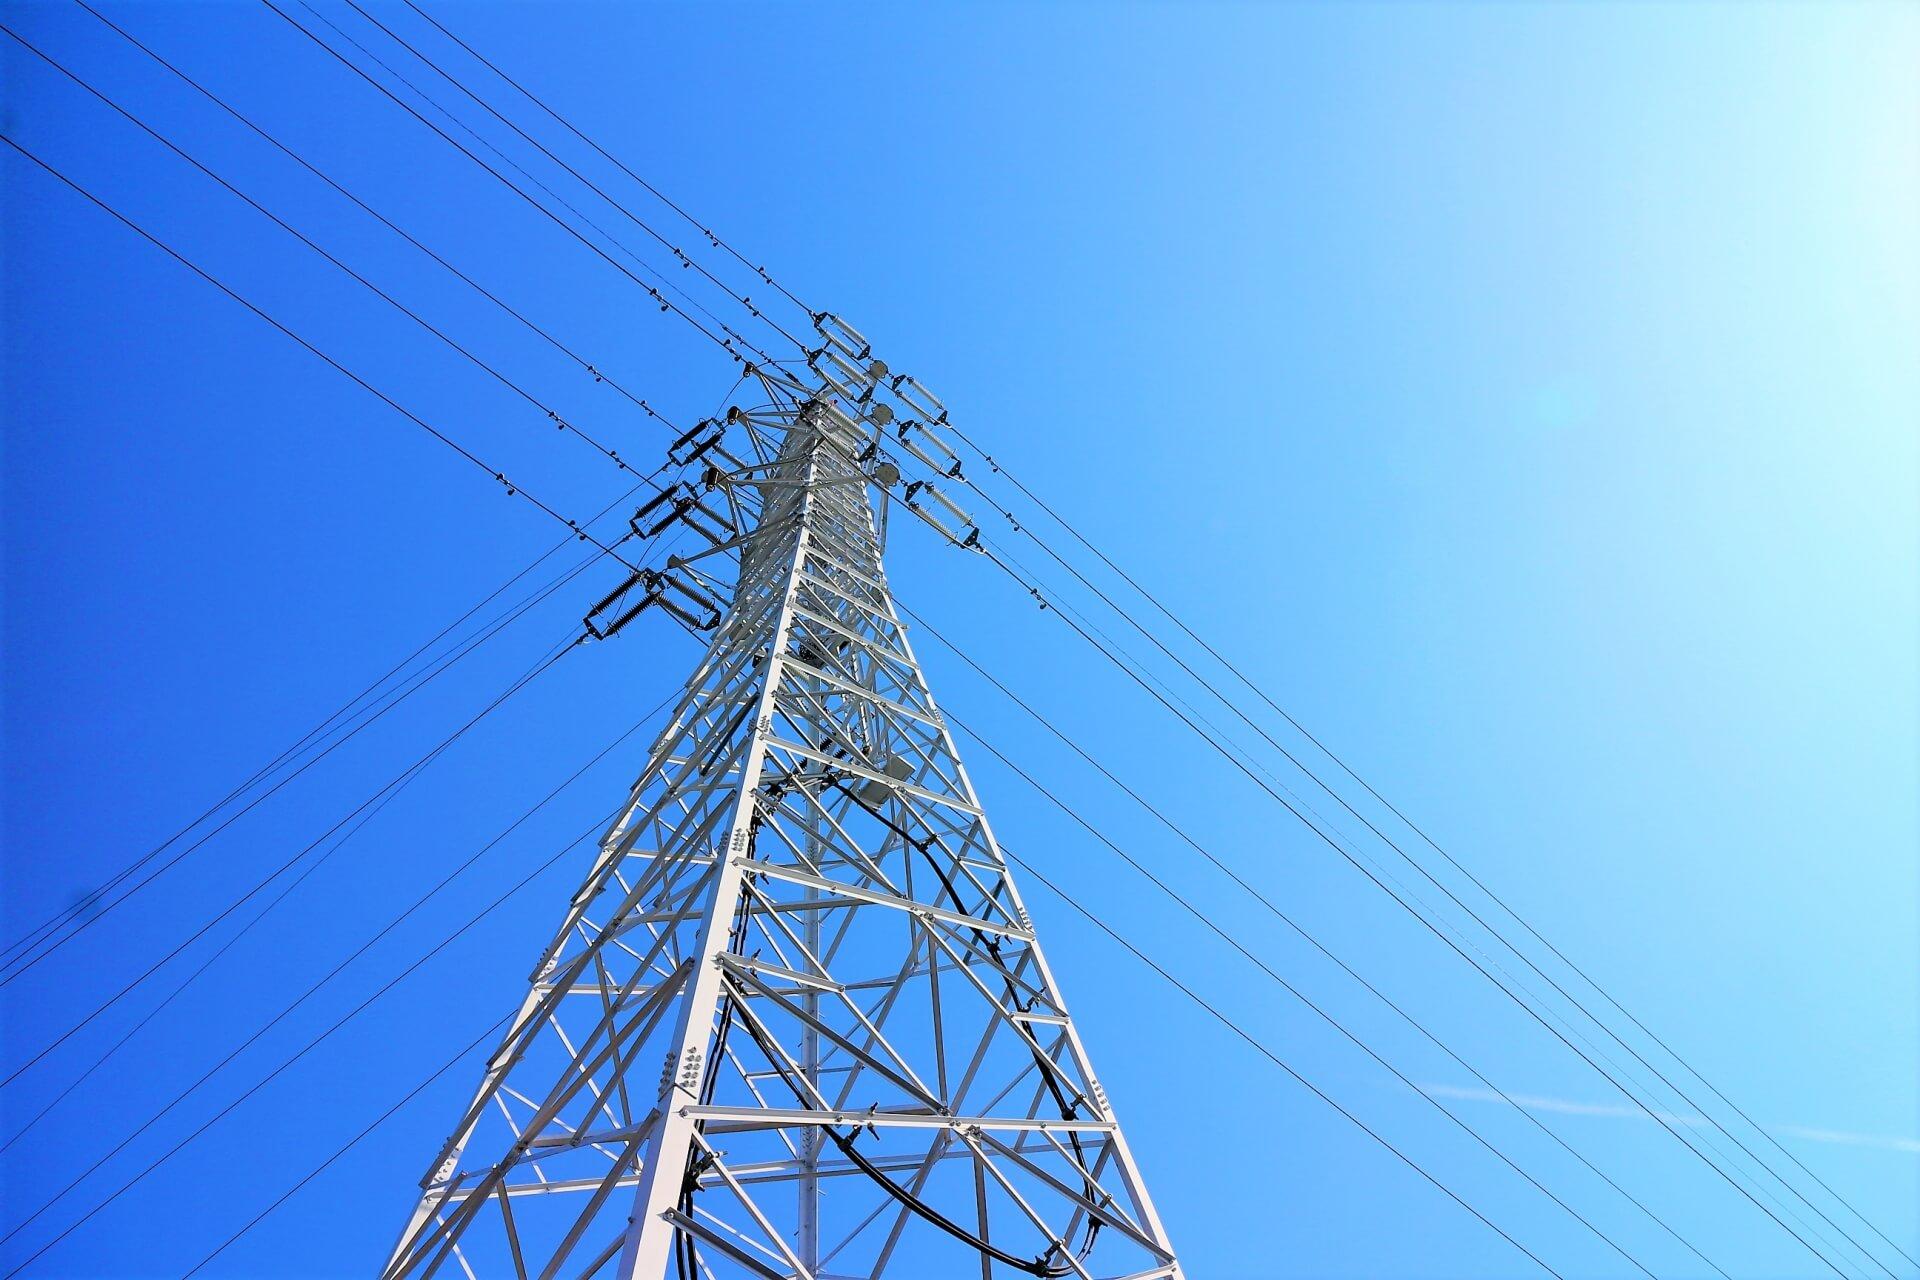 電力自由化への対応。そして、東京電力労働組合へ